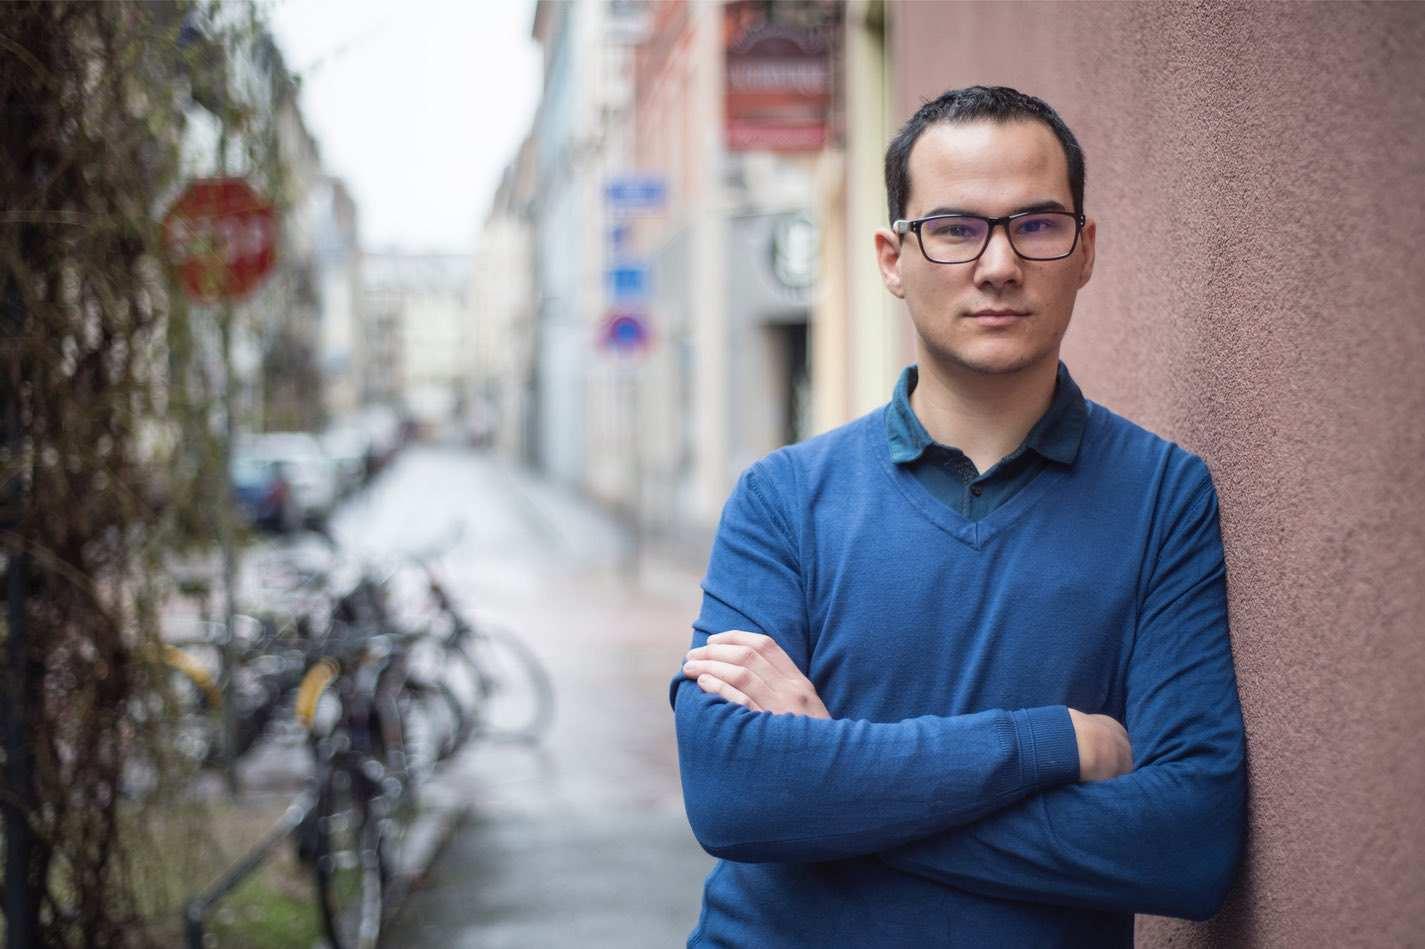 Dan Bernier Portrait dans la rue à Strasbourg